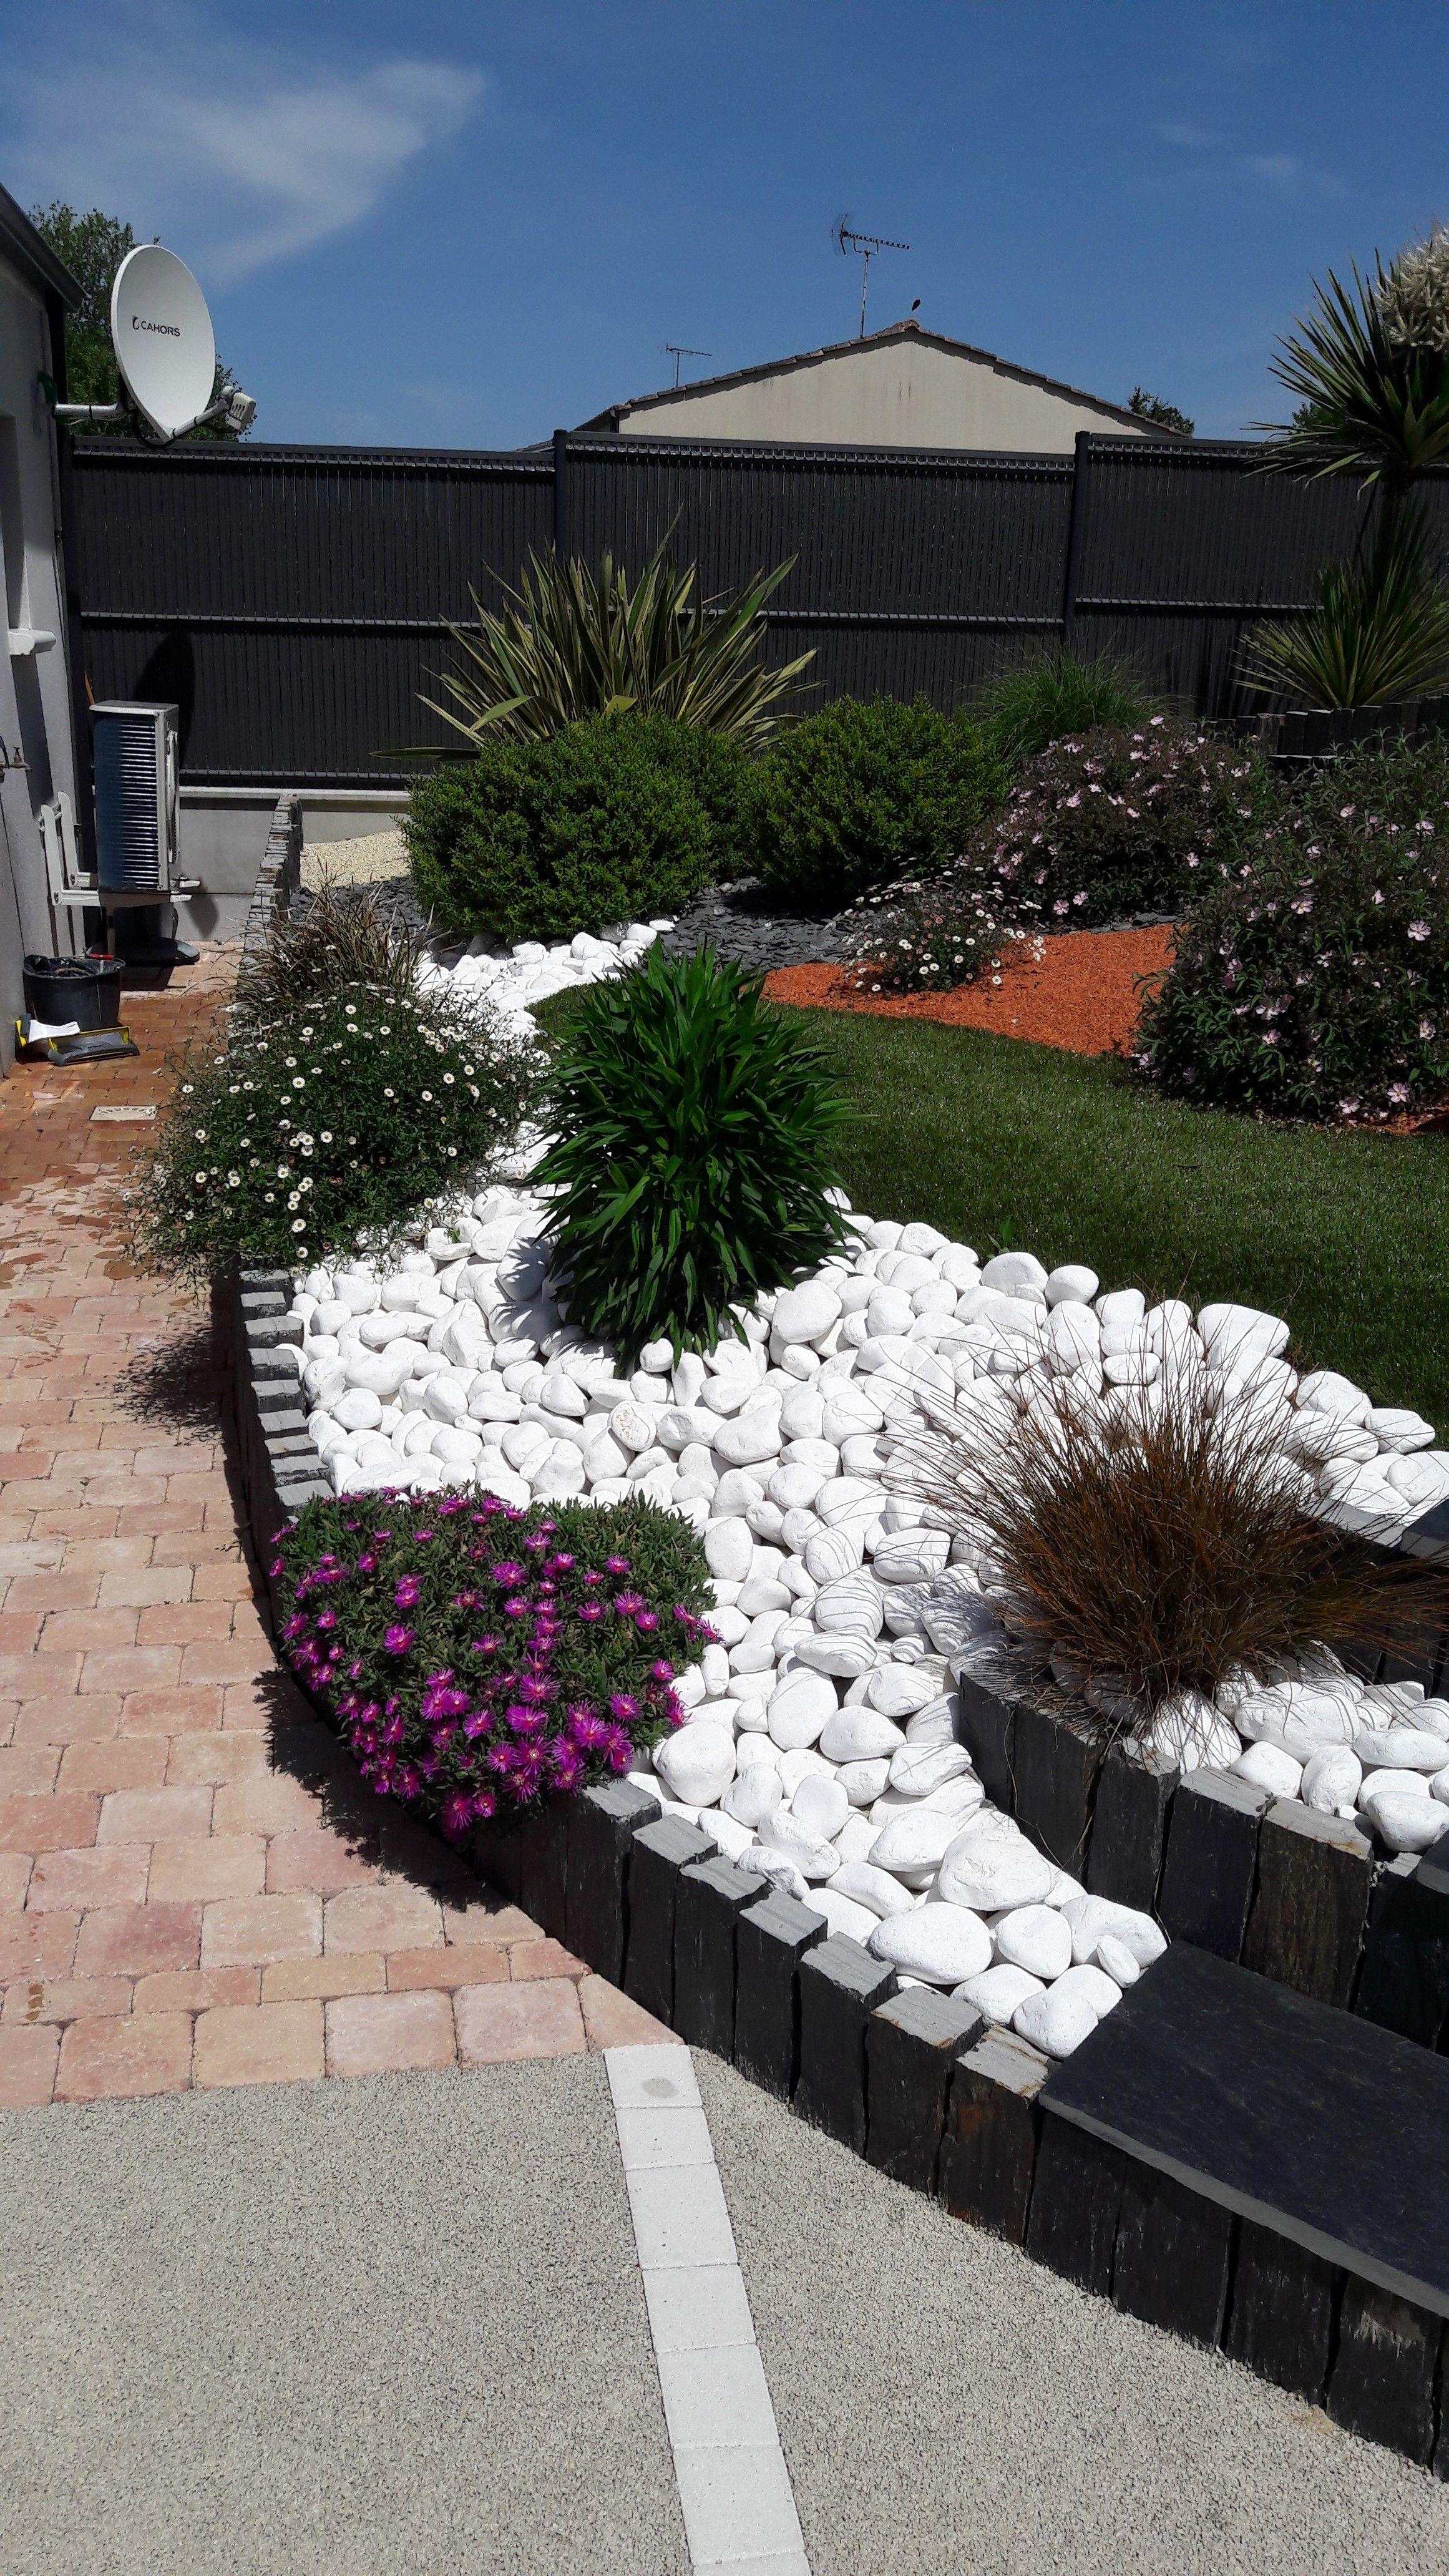 Piquet En Ardoise Bois Jardin un jardin bordé de végétation et de différents agrégats en